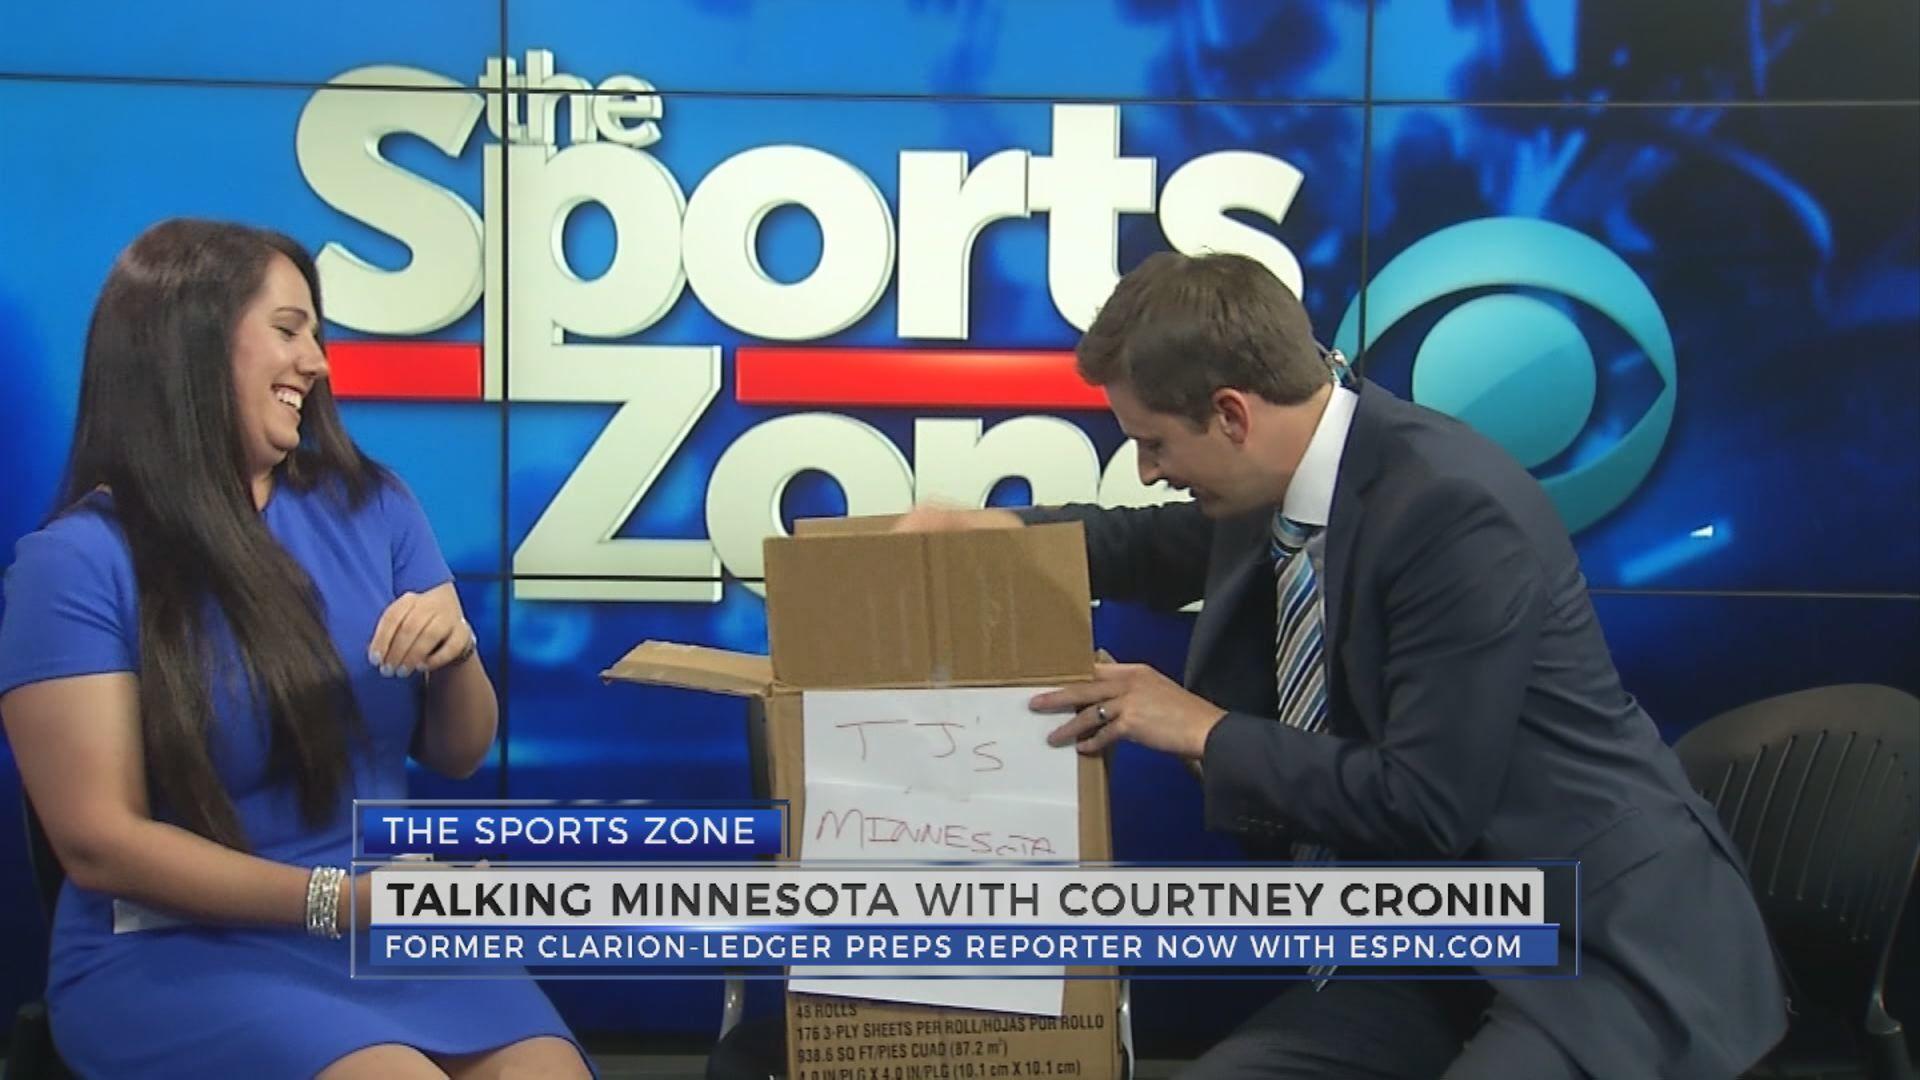 Courtney_Cronin_returns_to_The_Sports_Zo_1_20180514041159